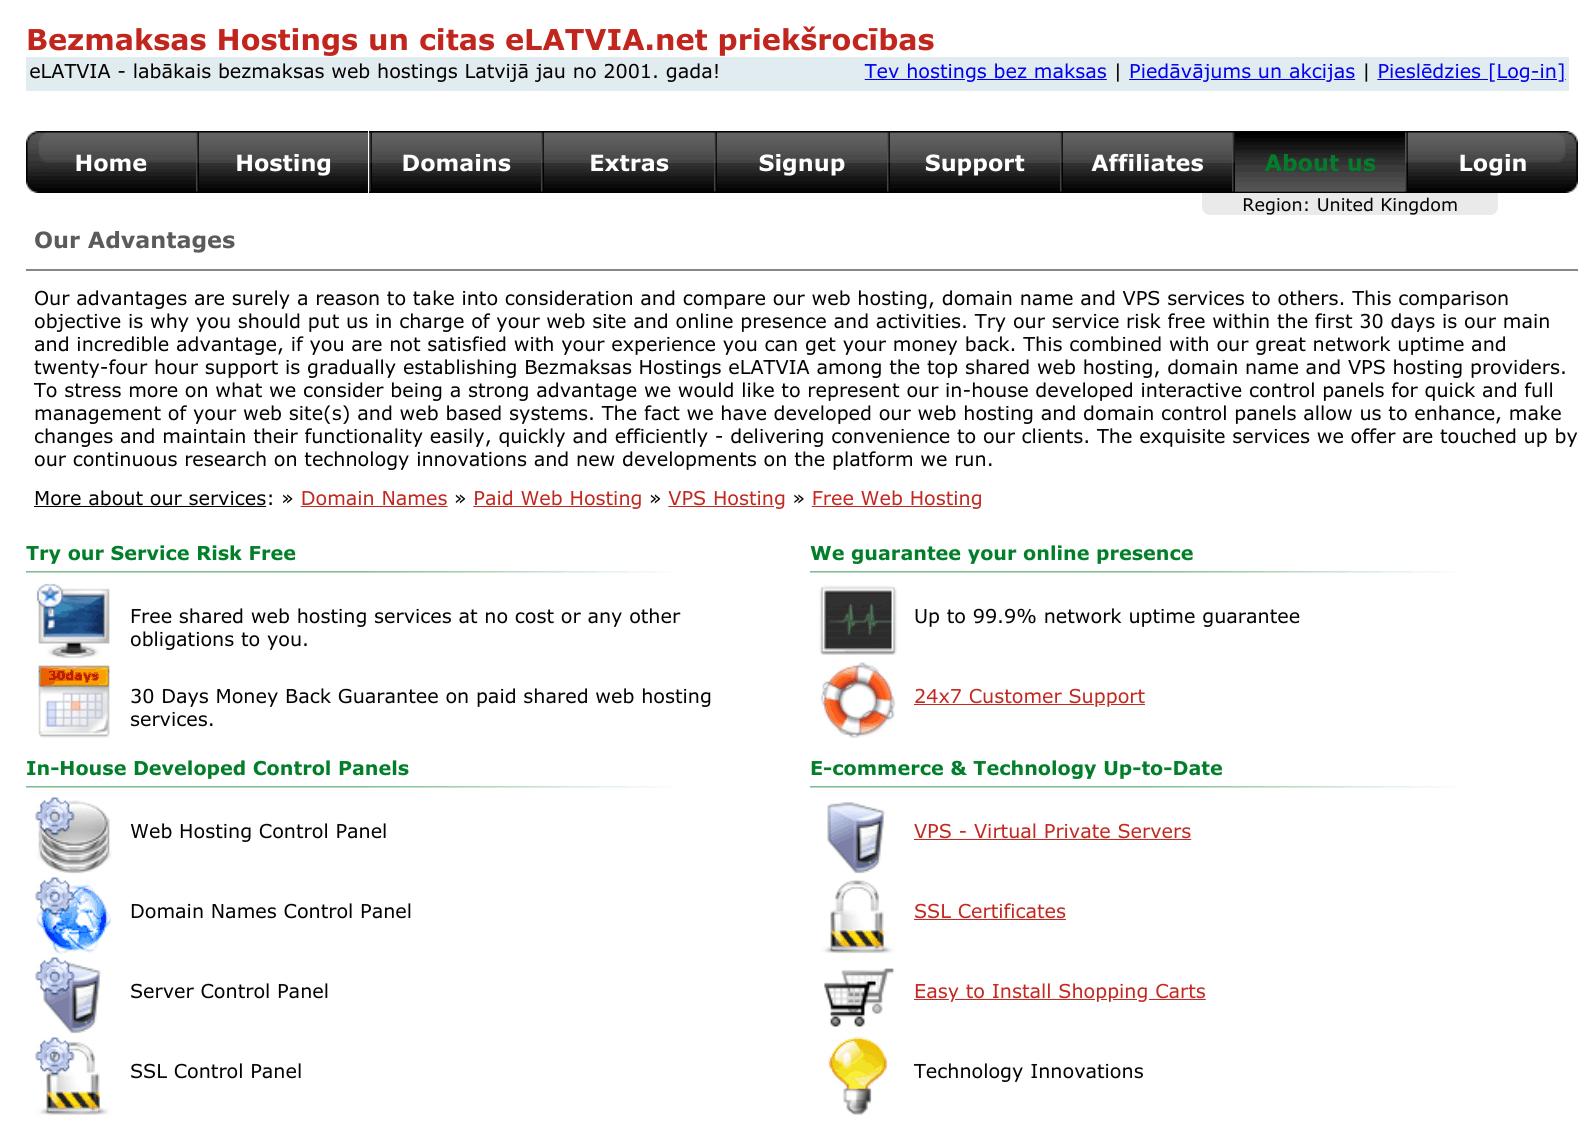 eLATVIA.net